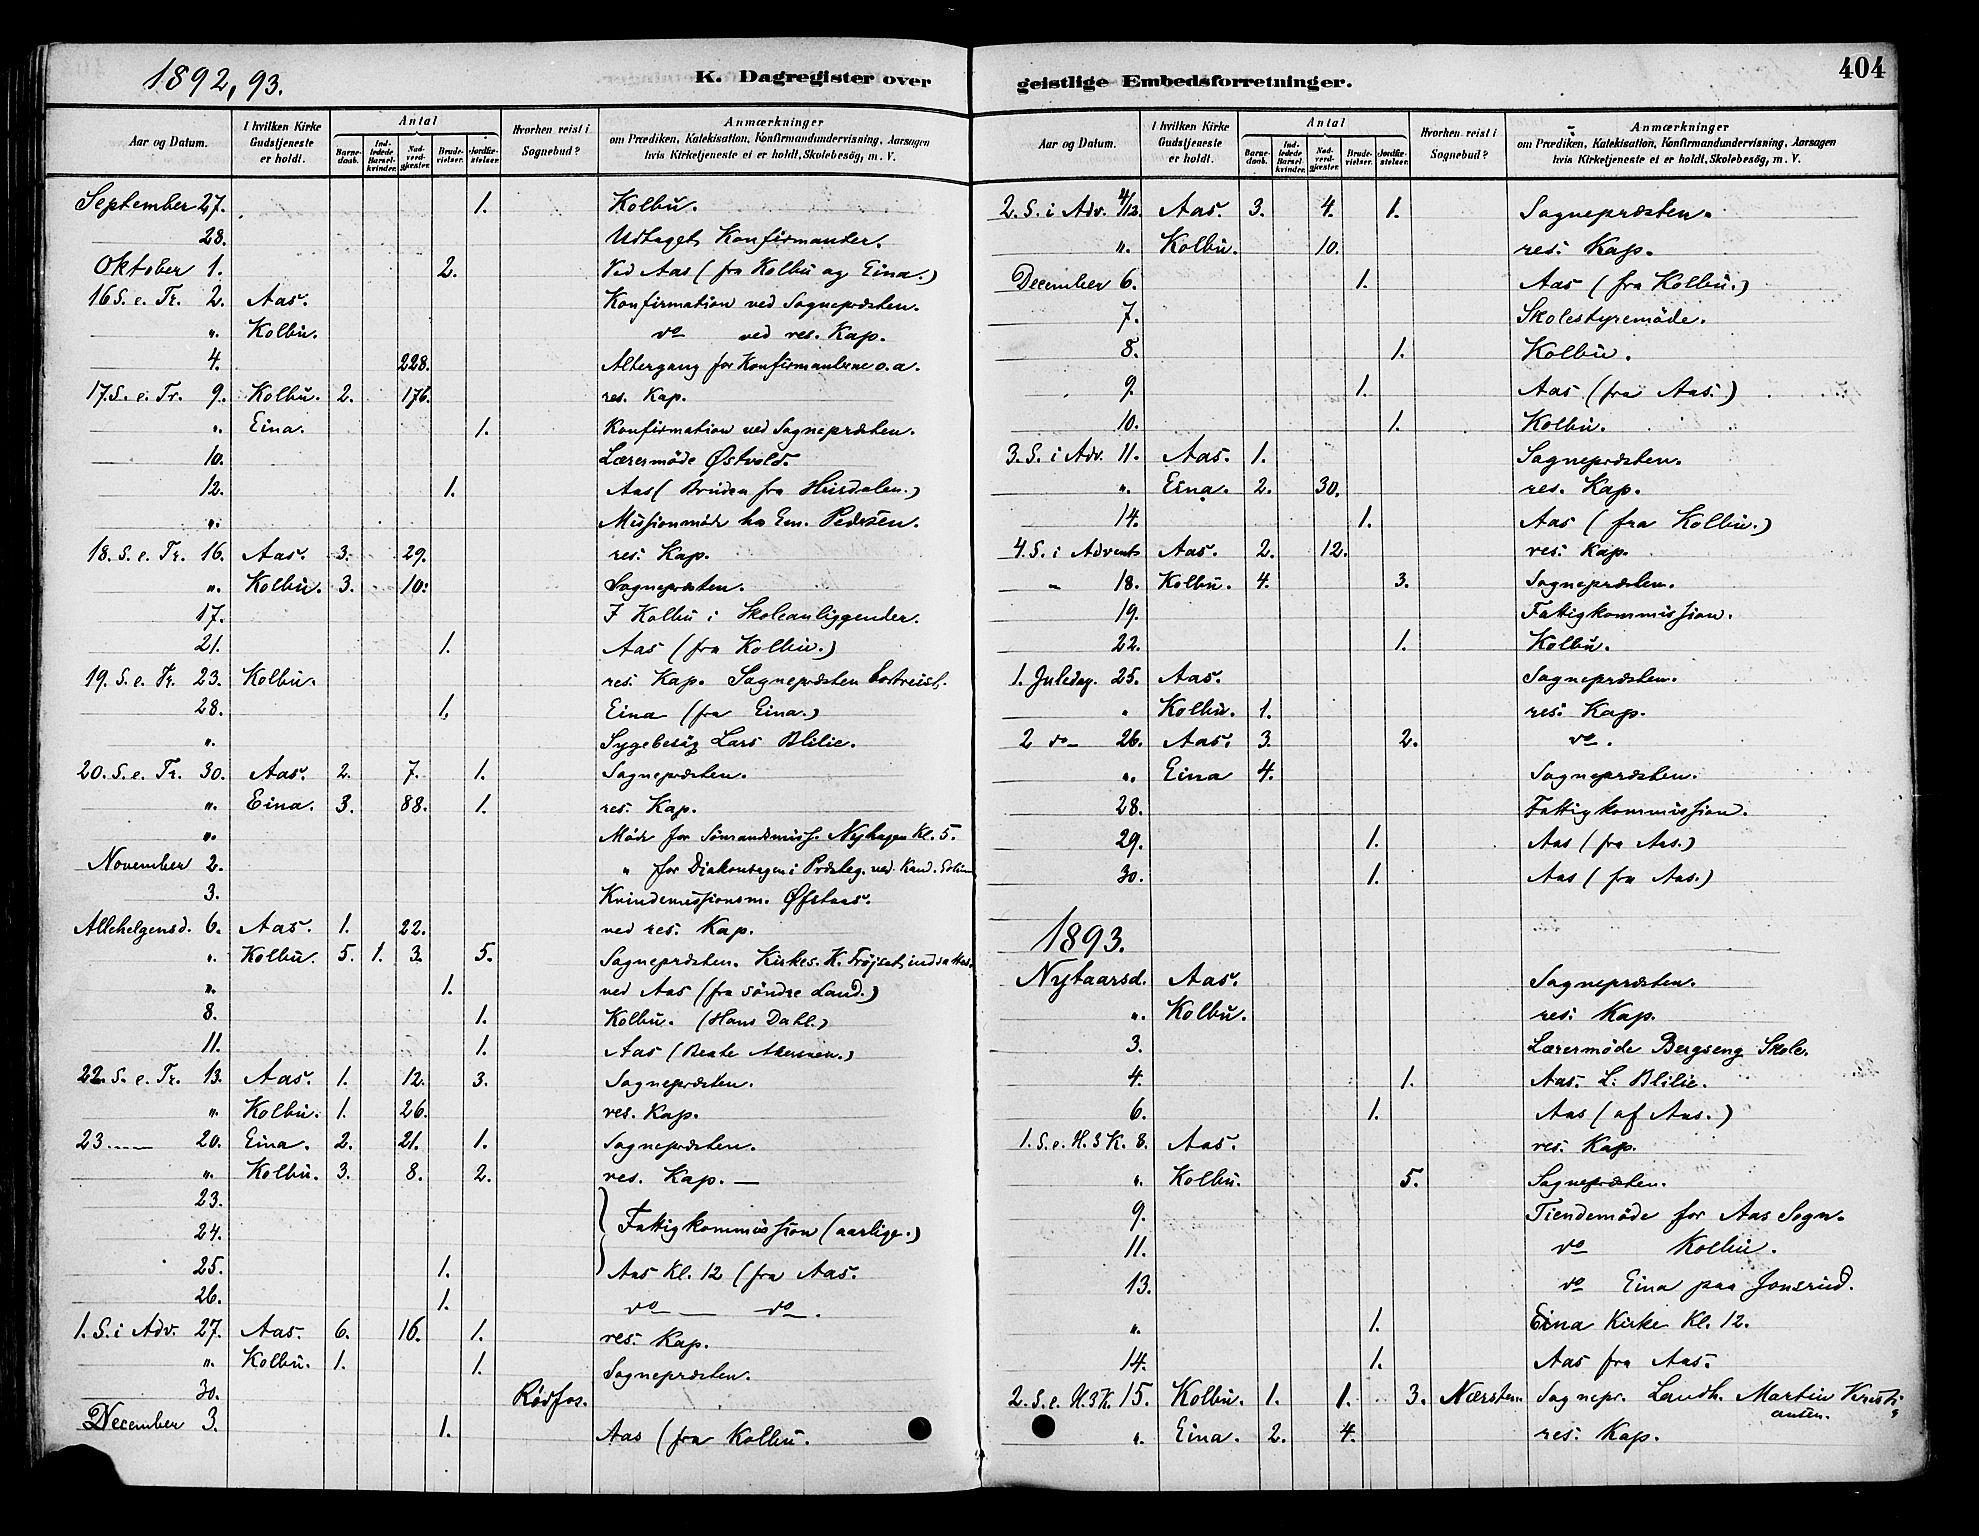 SAH, Vestre Toten prestekontor, Ministerialbok nr. 9, 1878-1894, s. 404